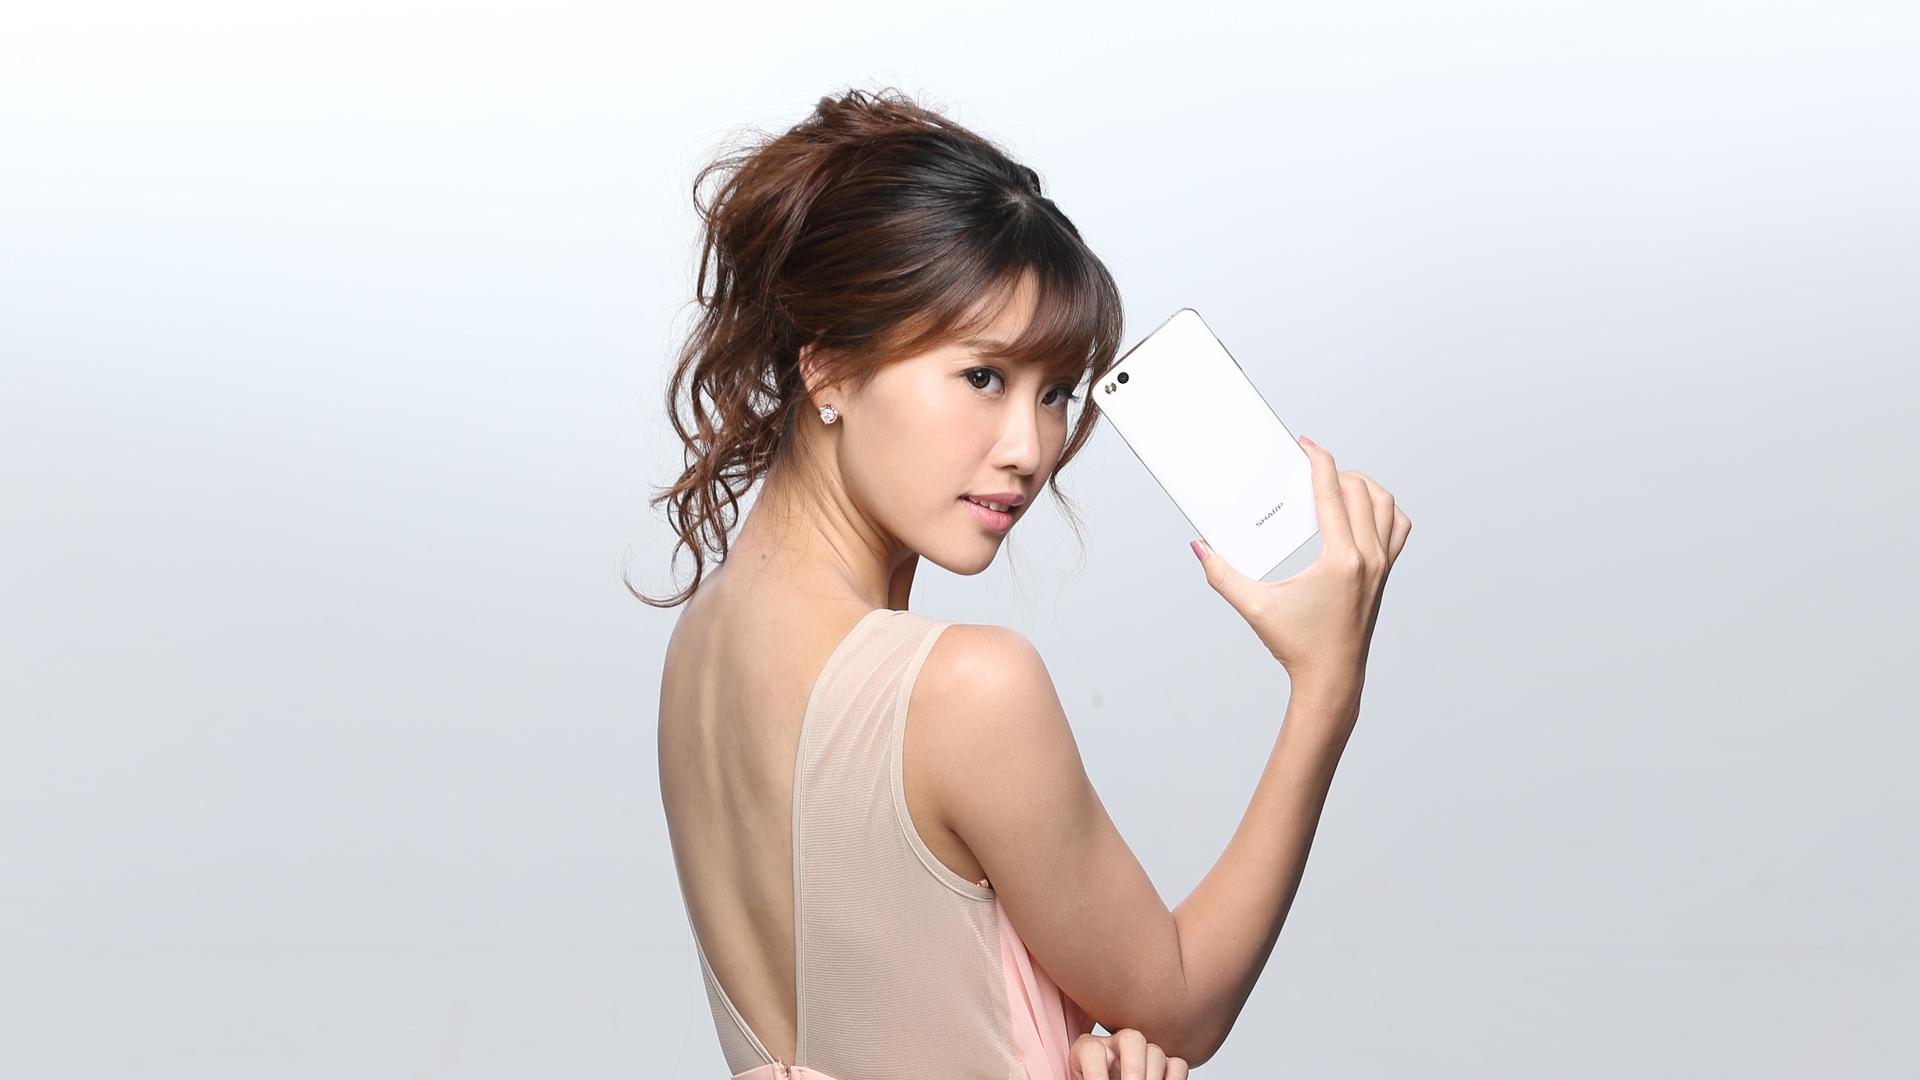 JMJ國際模特兒娛樂經紀-SHARP M1平面廣告拍攝